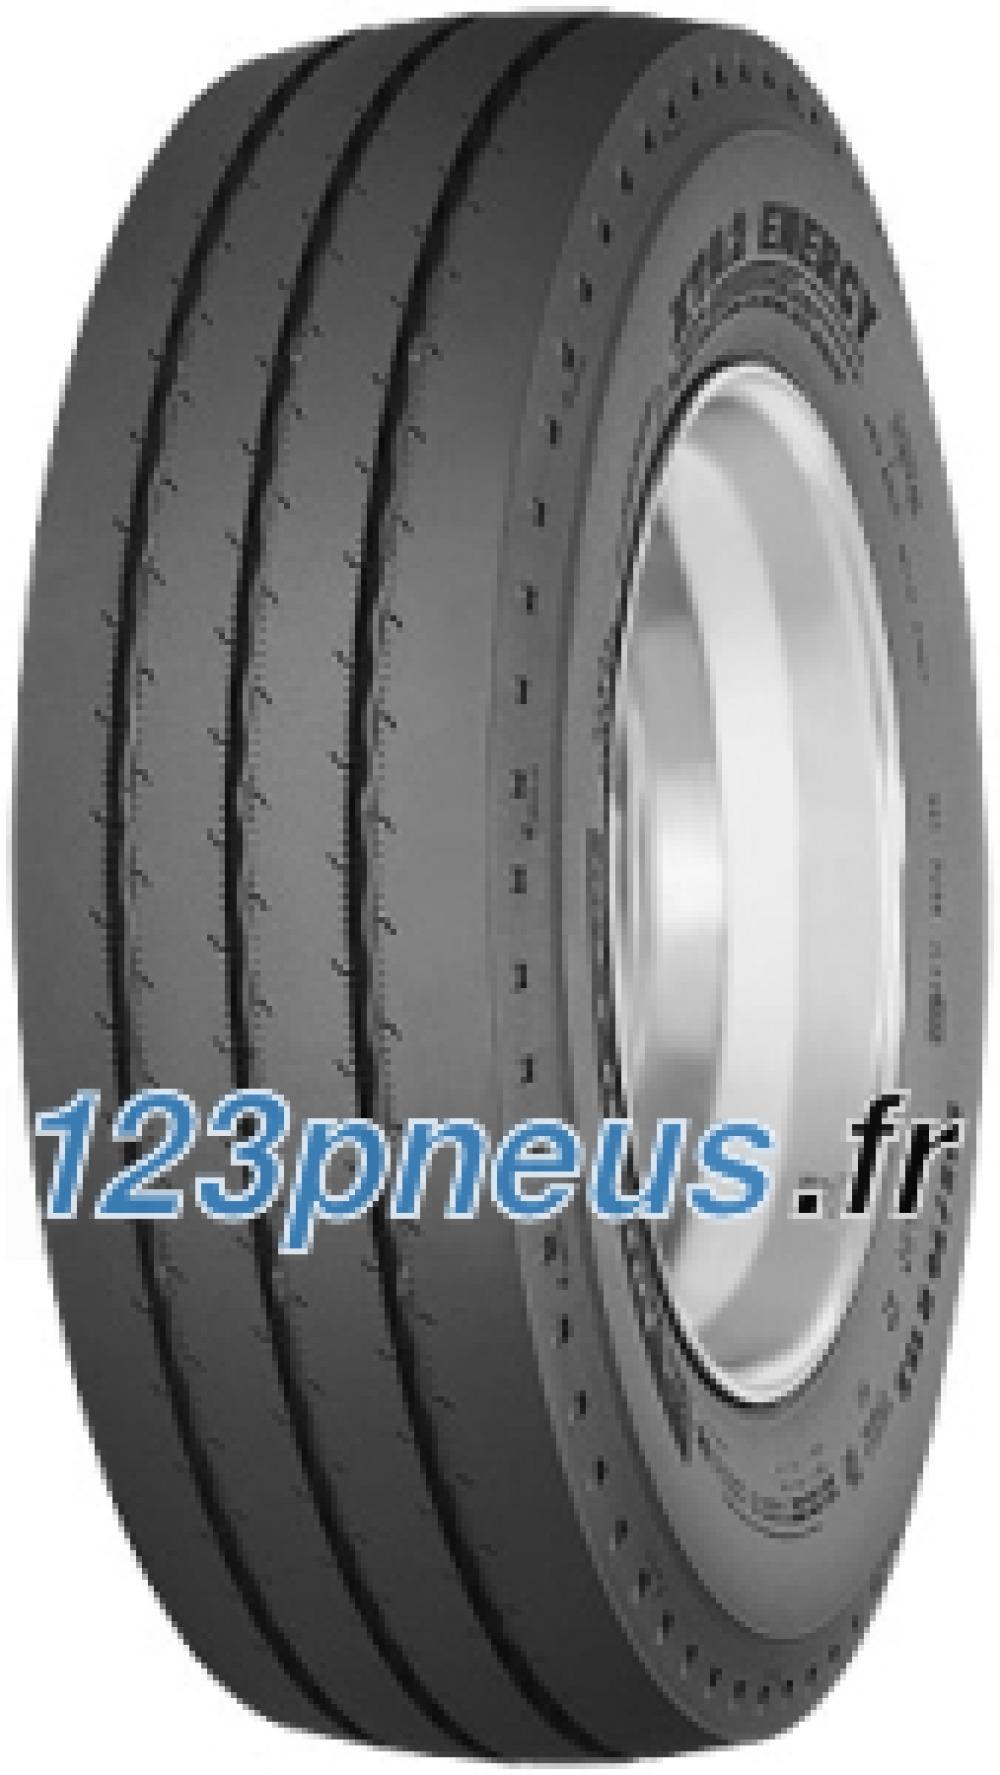 Michelin Remix XTA 2 Energy ( 275/70 R22.5 152/148J 16PR rechapé )